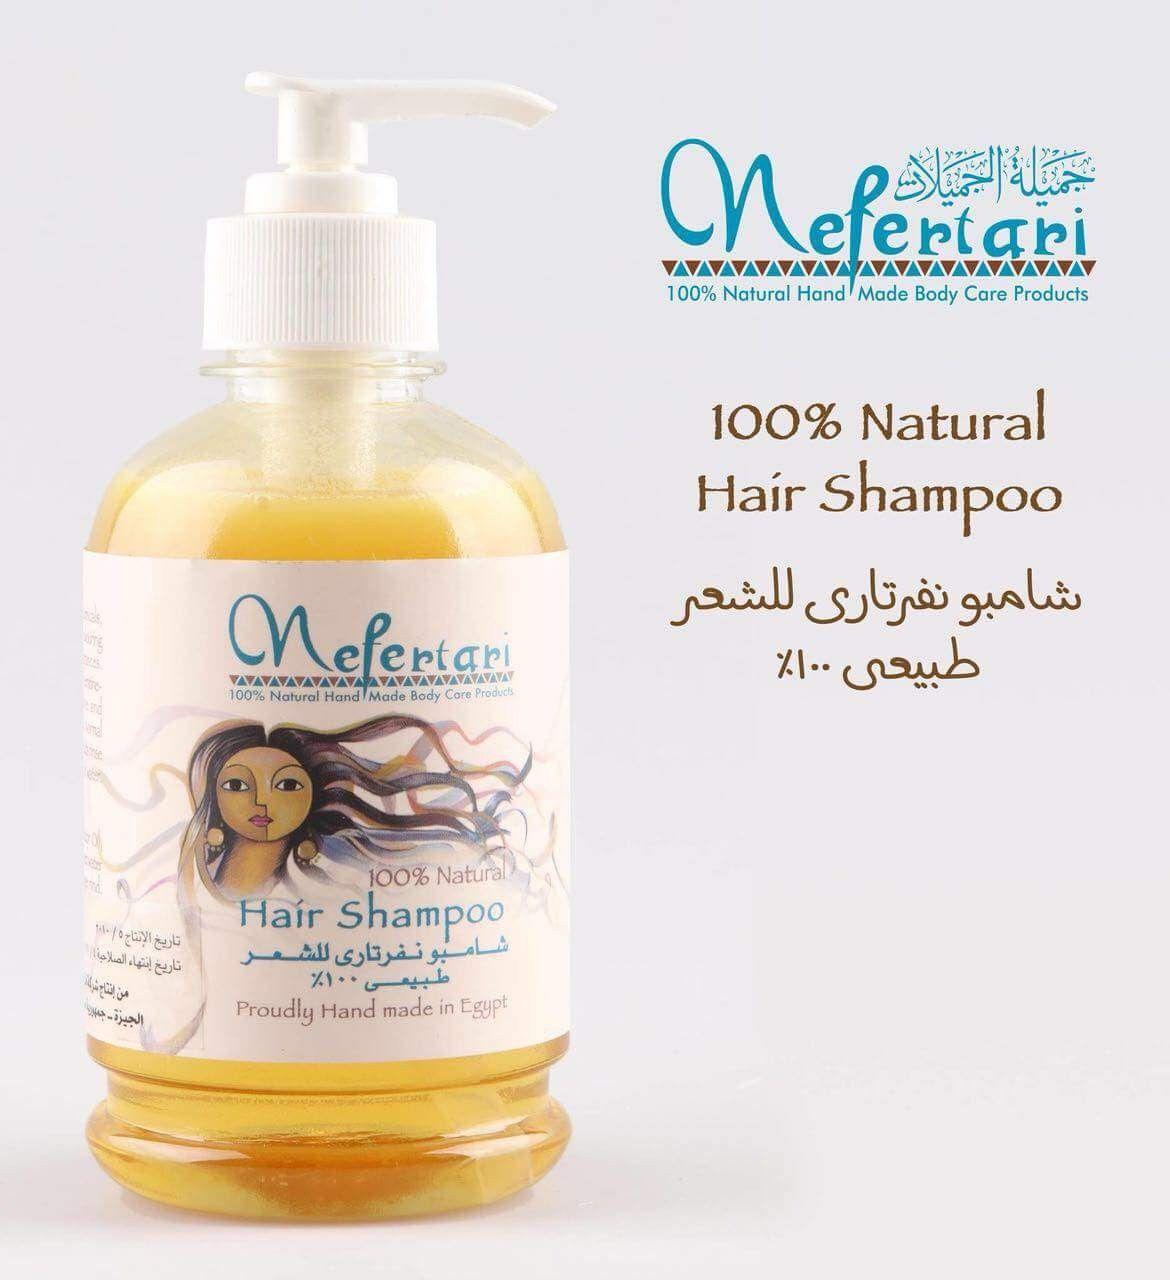 عناية بشرة شامبو نفرتاري الطبيعي 100 يغذي وينعم الشعر لانه خالي من المواد الكيميائية Natural Hair Shampoo Body Care Natural Hair Styles